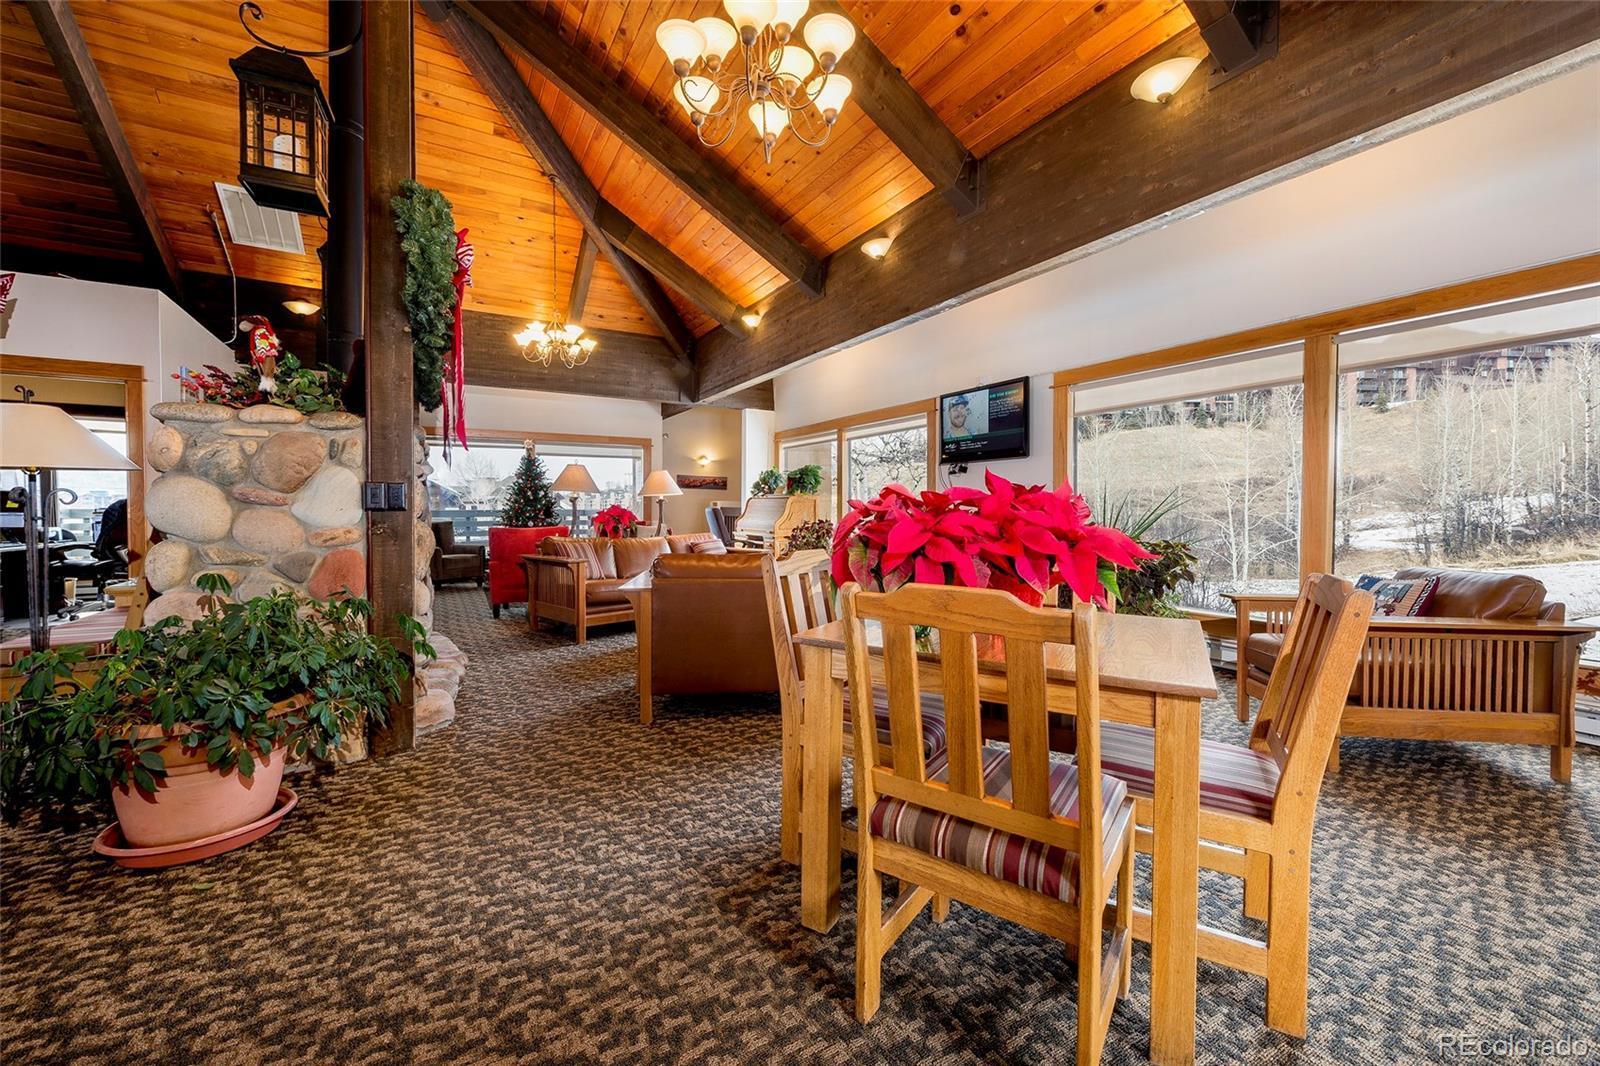 2350  Ski Trail Court  211 photo